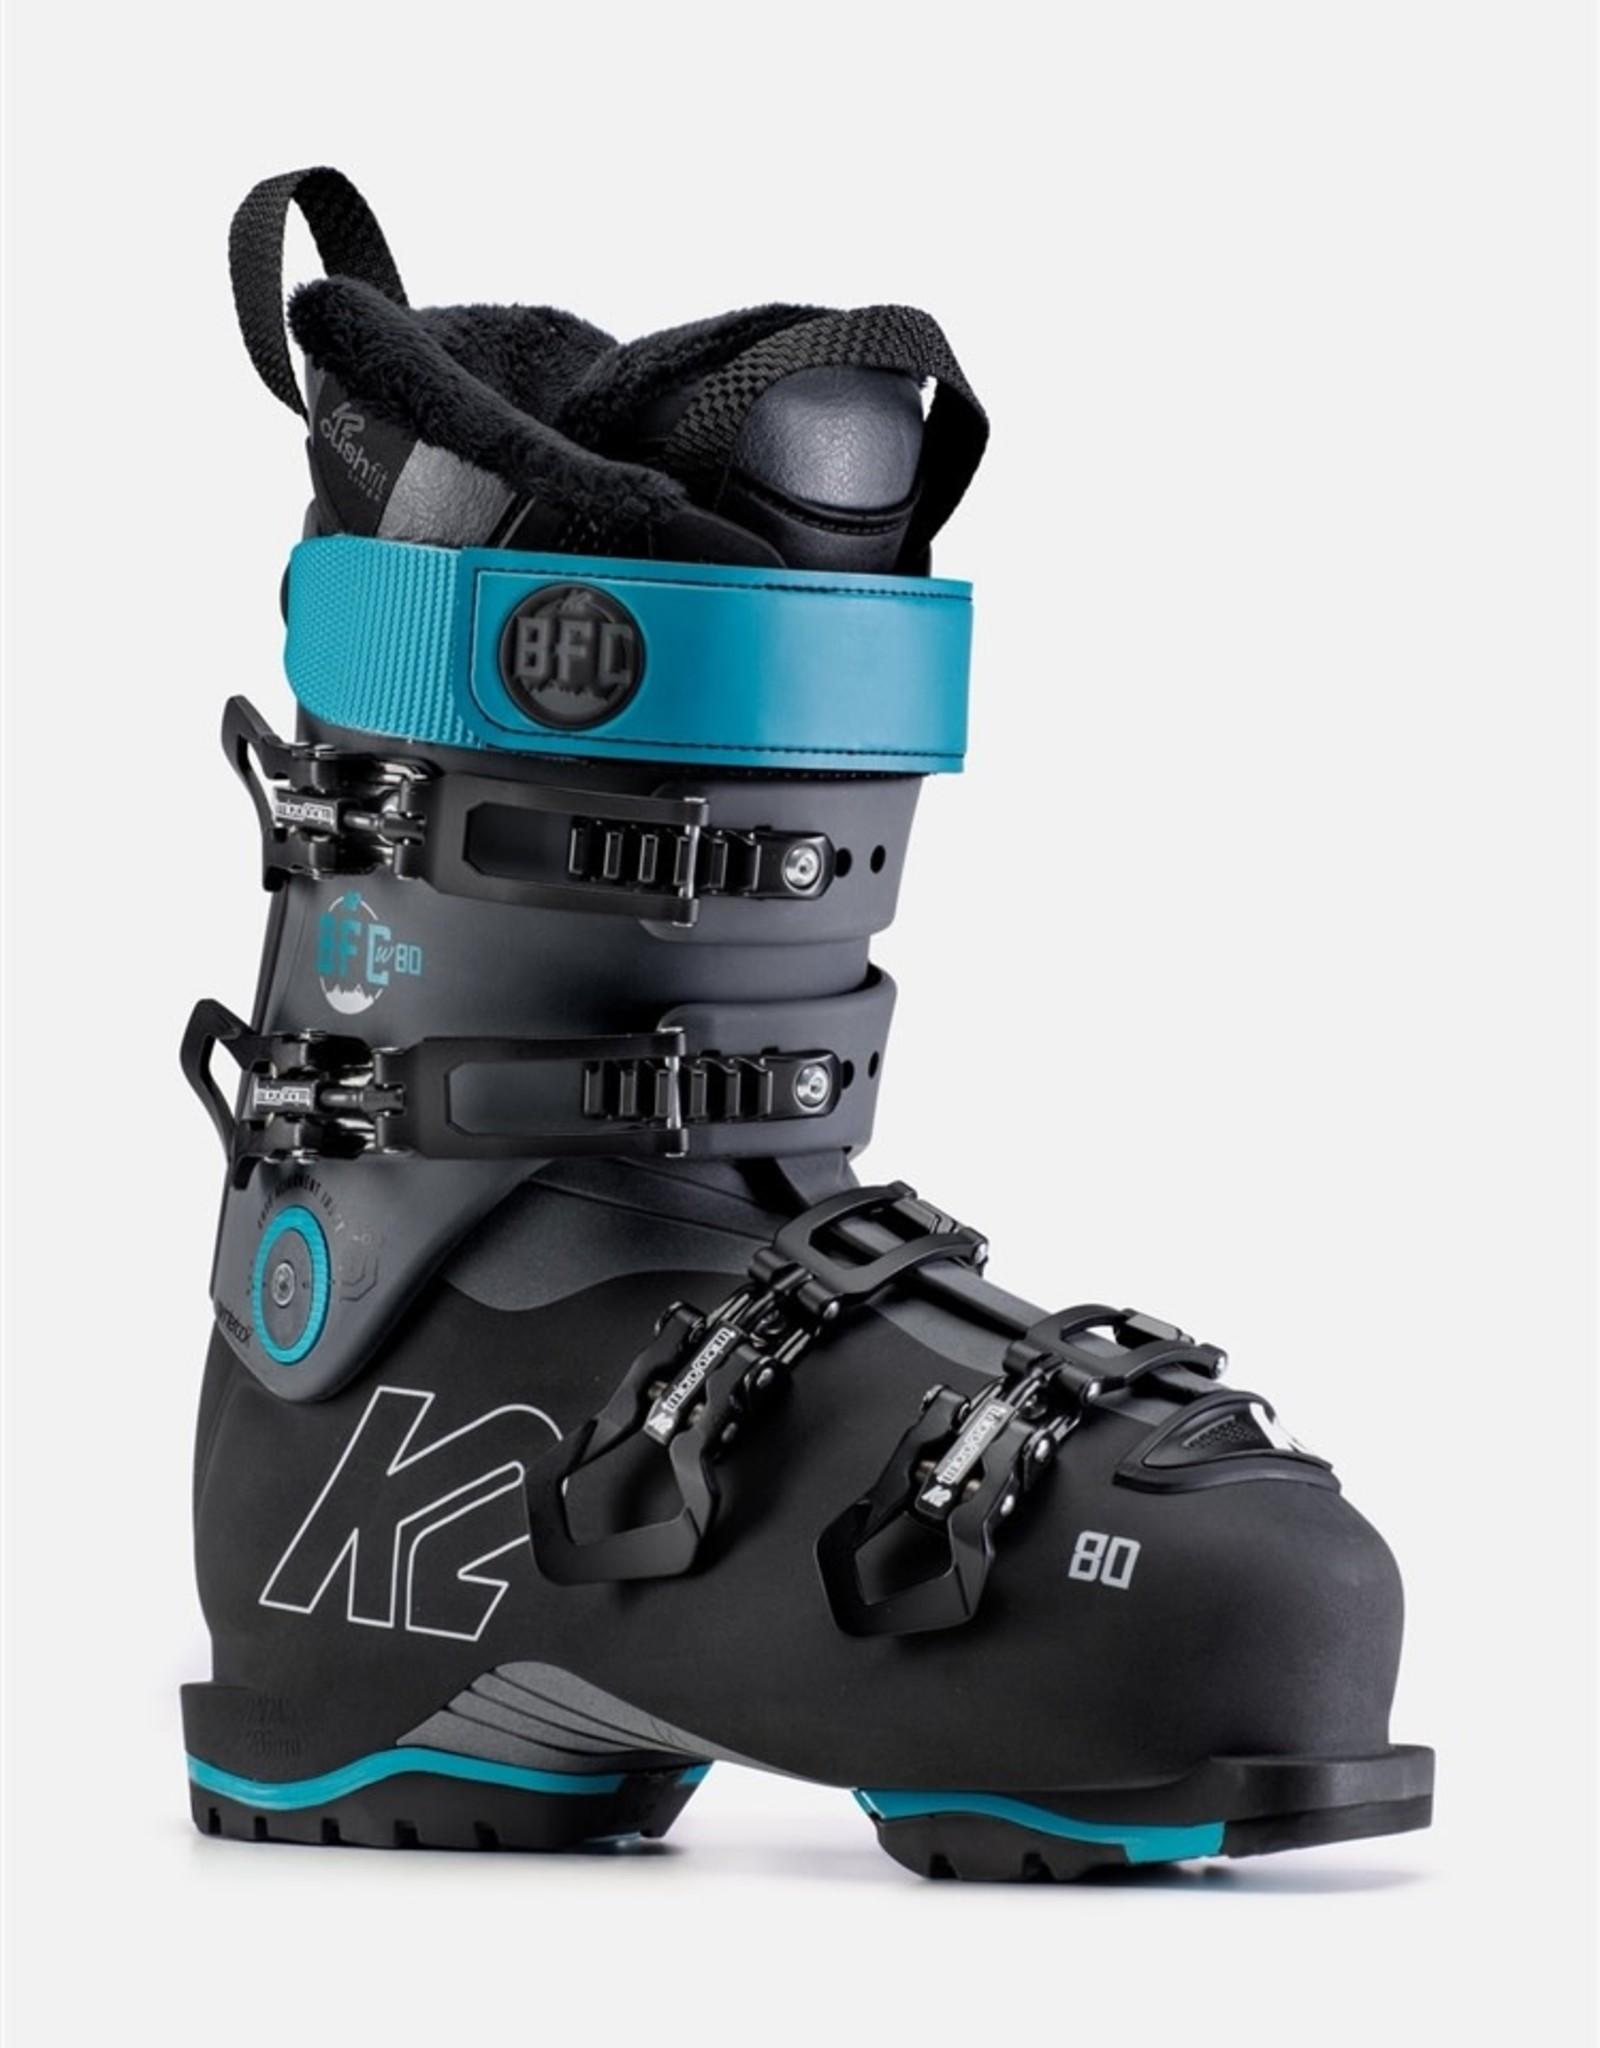 K2 K2 Ski Boots BFC W 80 (20/21)